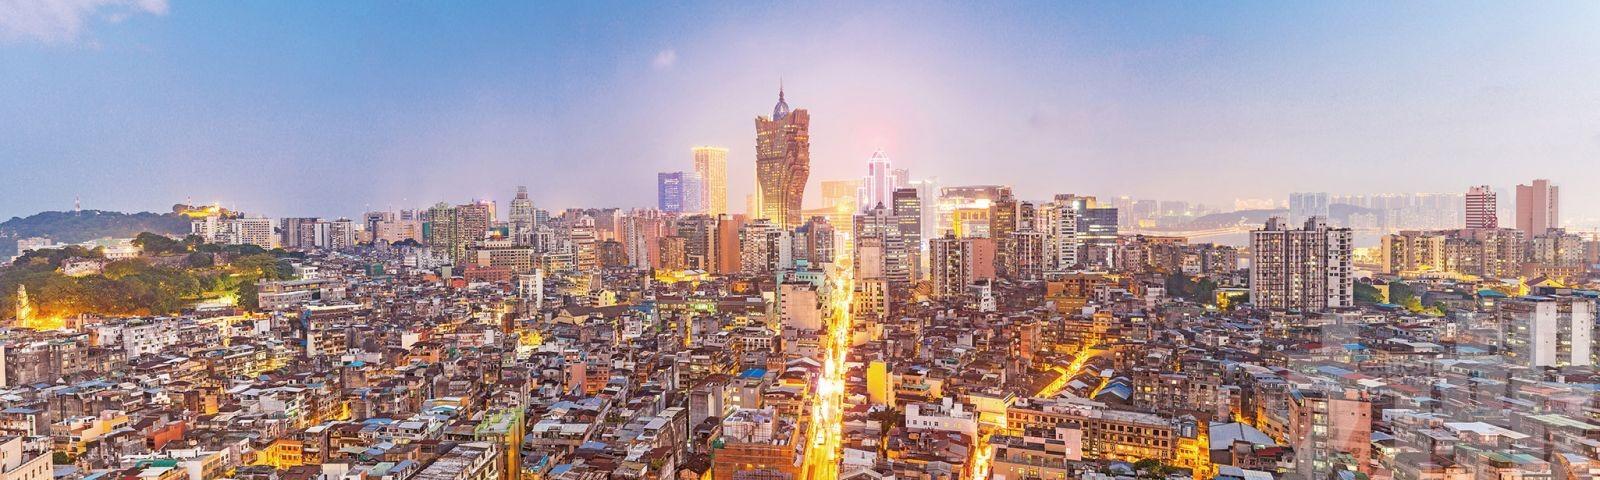 構建智慧城市何去何從?